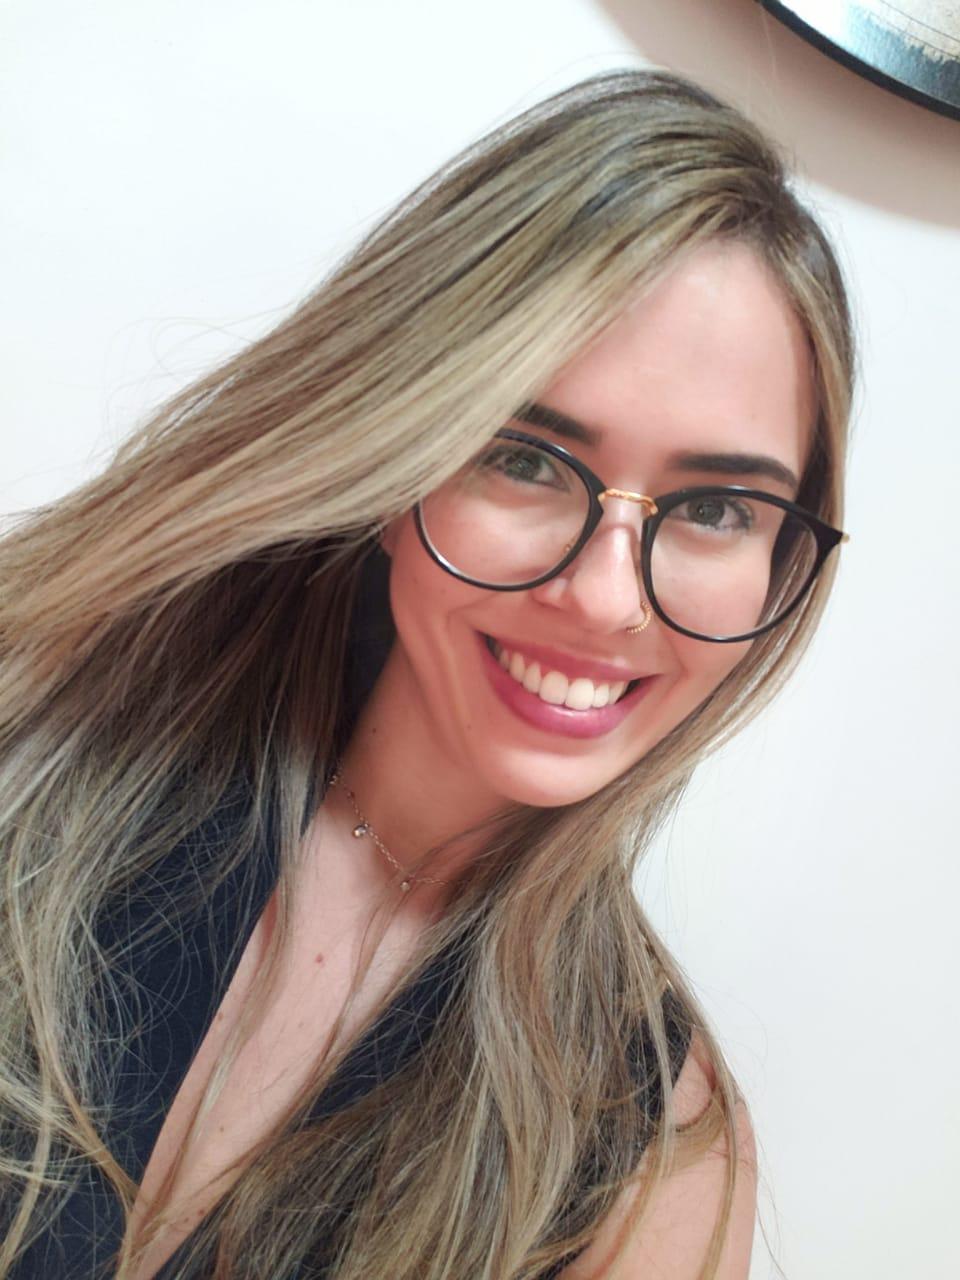 Nathalia Rodolphi